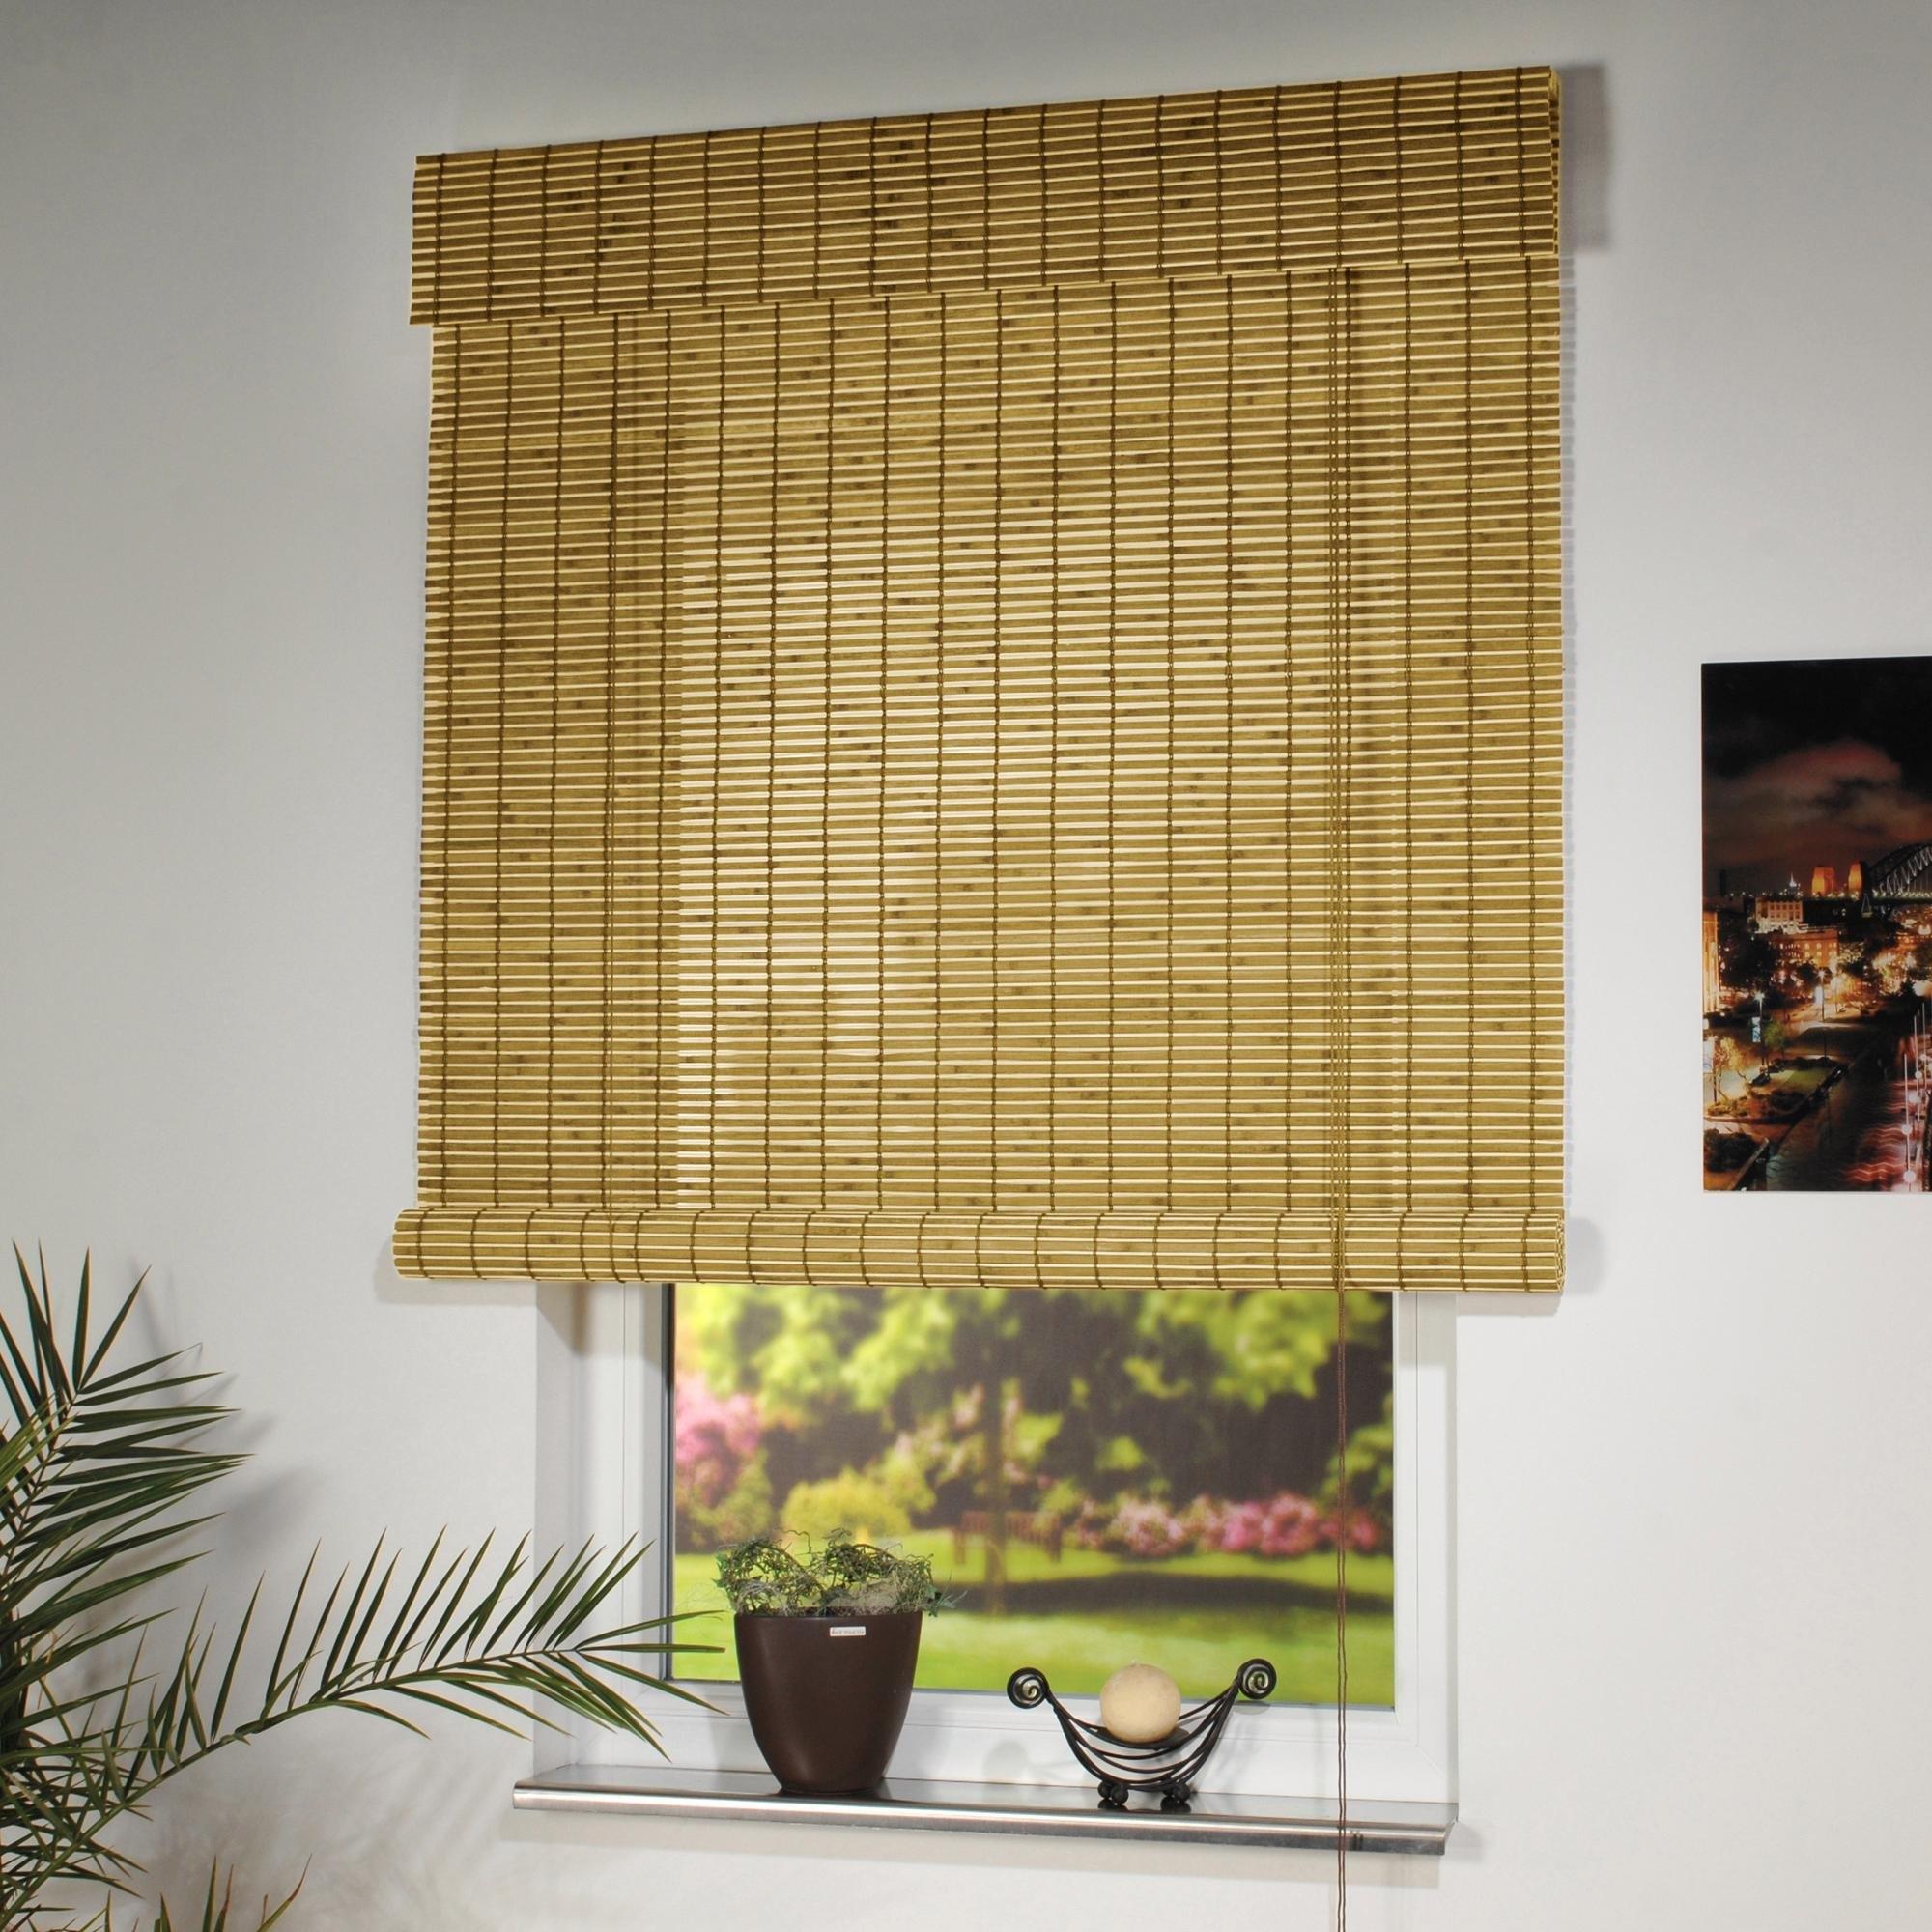 Liedeco Rolgordijn met zijbediening, houten jaloezieën, lichtwerend, standaardmaat voordelig en veilig online kopen